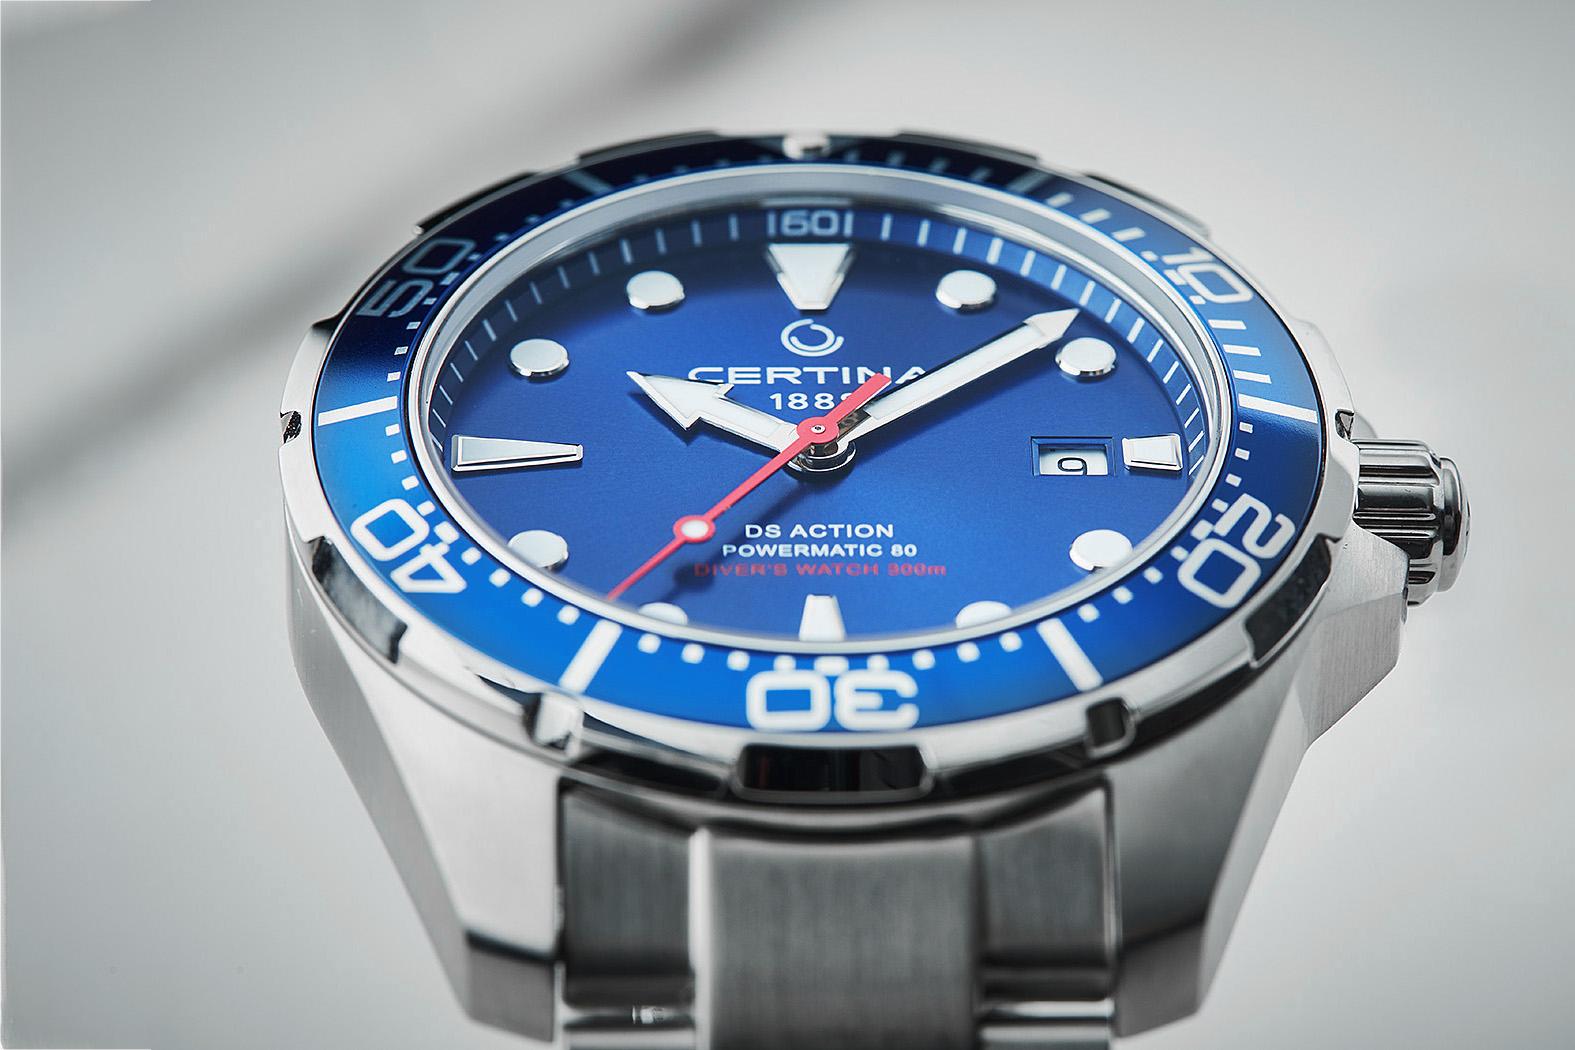 zegarek Certina C032.407.11.041.00 srebrny DS Action